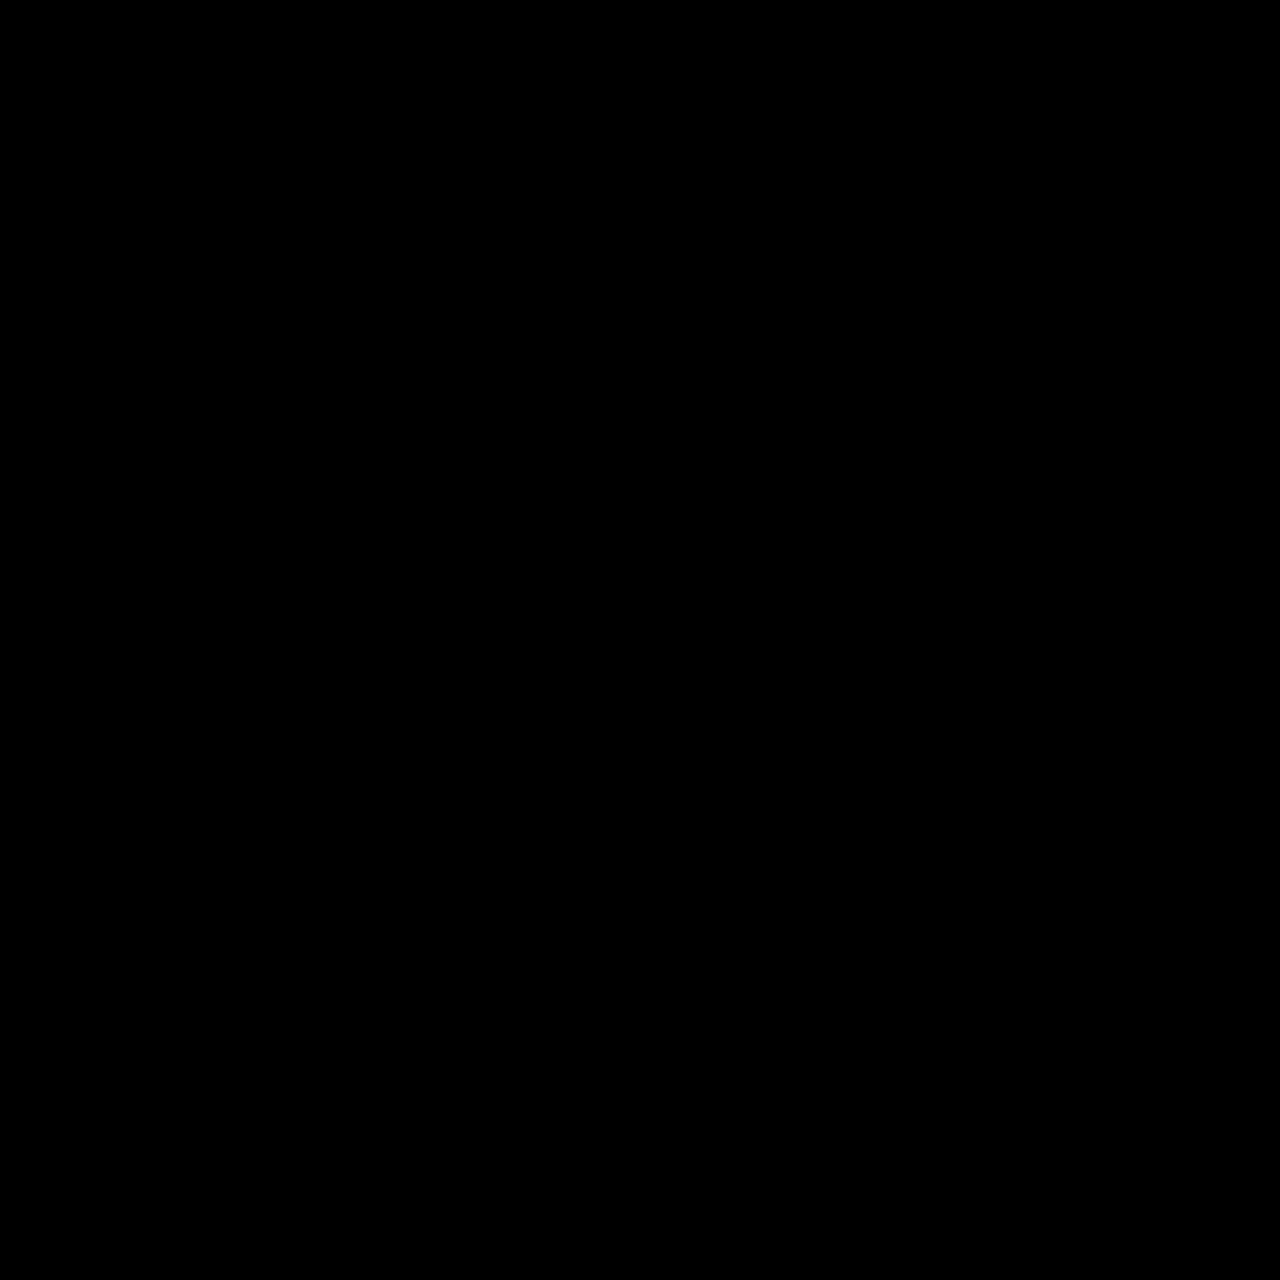 Maskottchen Gustav Grimmling Unterschrift